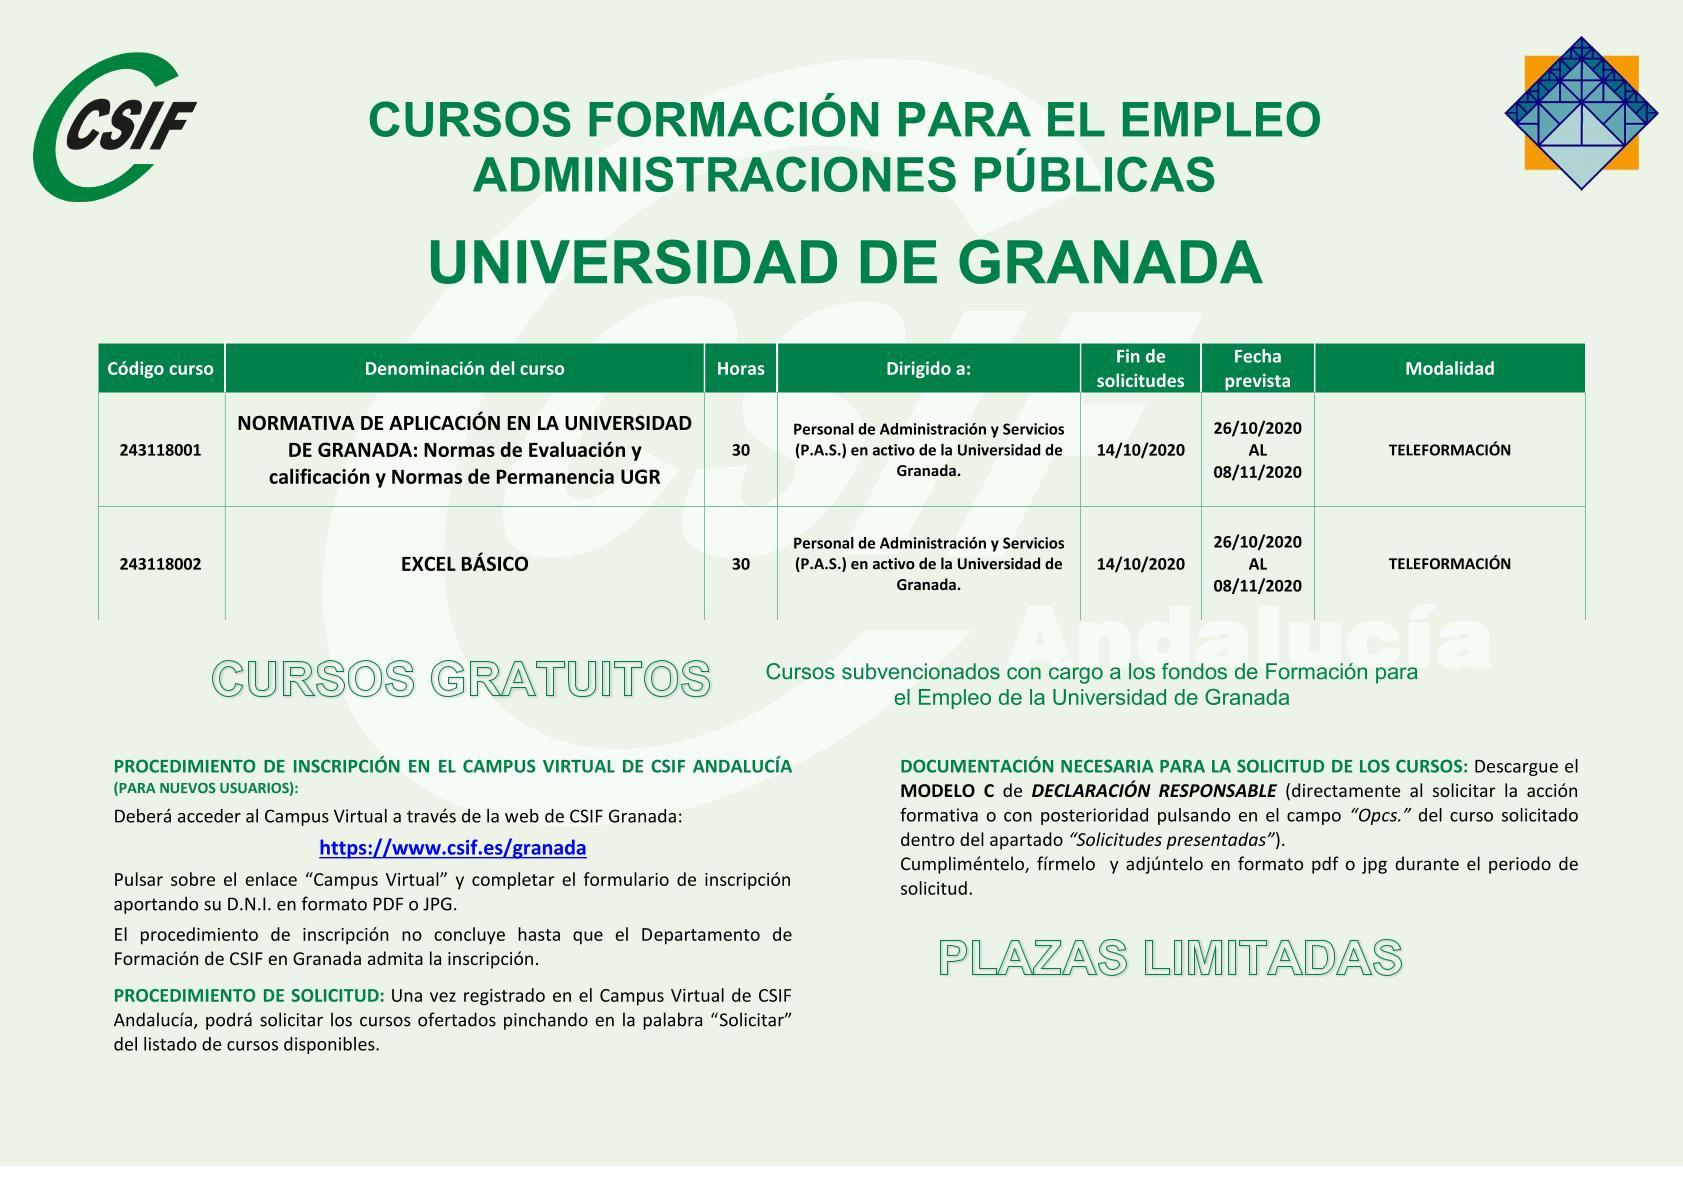 CURSOS FORMACIÓN PARA EL EMPLEO ADMINISTRACIONES PÚBLICAS - UNIVERSIDAD DE GRANADA